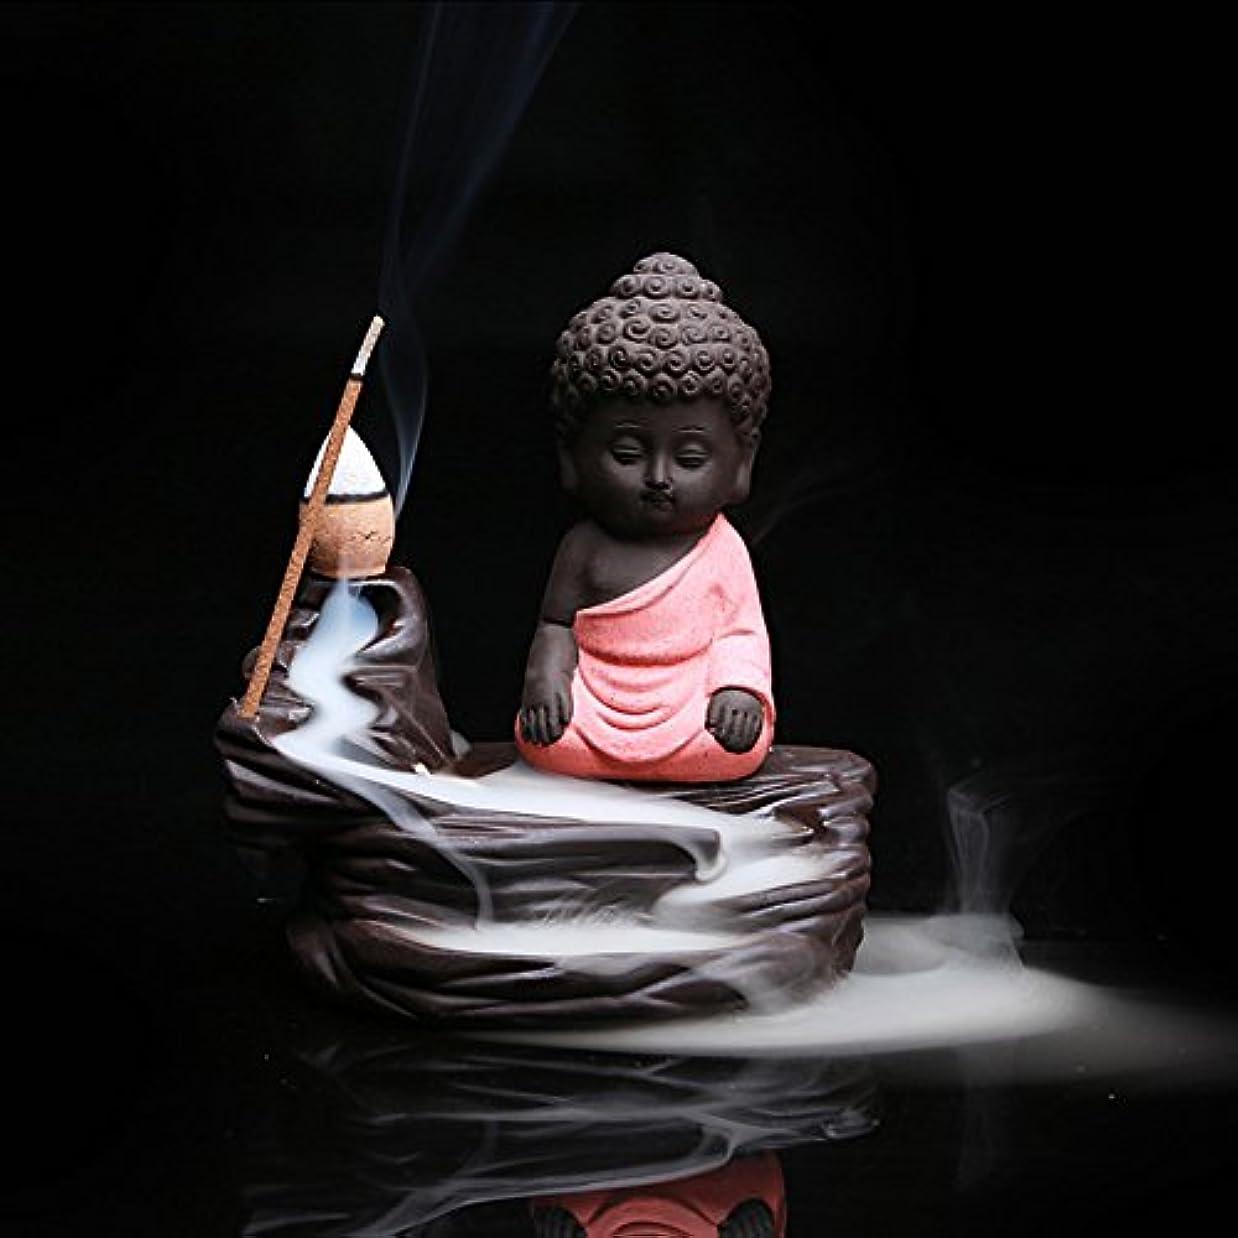 縮約複合比喩クリエイティブ逆流香炉コーンスティックホルダーSmall BuddhaセラミックCenserホーム部屋装飾 12.0*12.0*6.0cm レッド Colorado